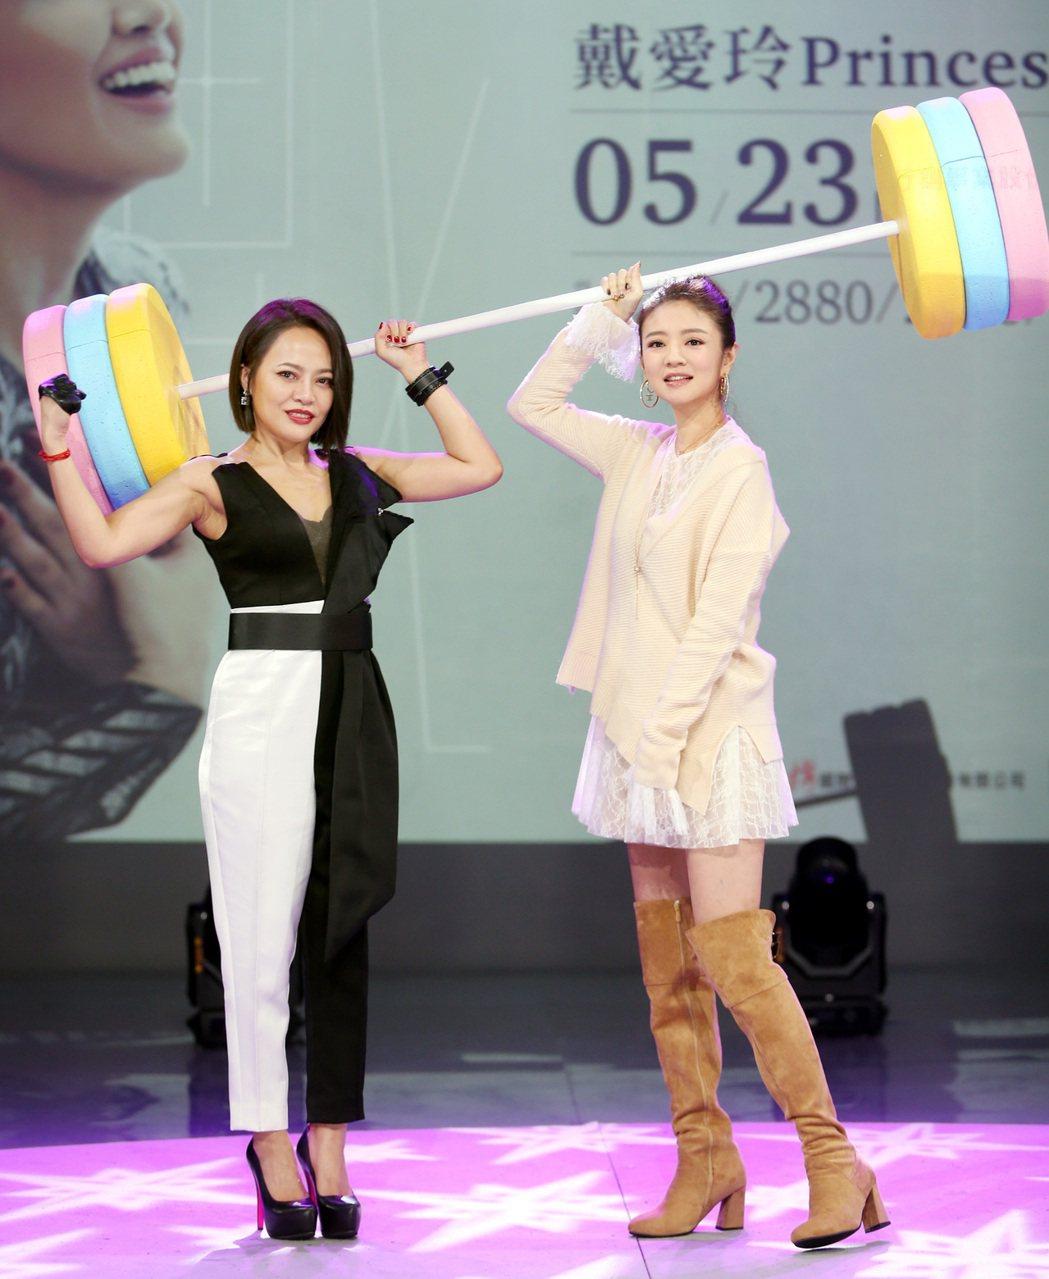 戴愛玲(左)宣布5月底將舉辦「愛戴2020」個人首場大型售票演唱會,產後首次公開...